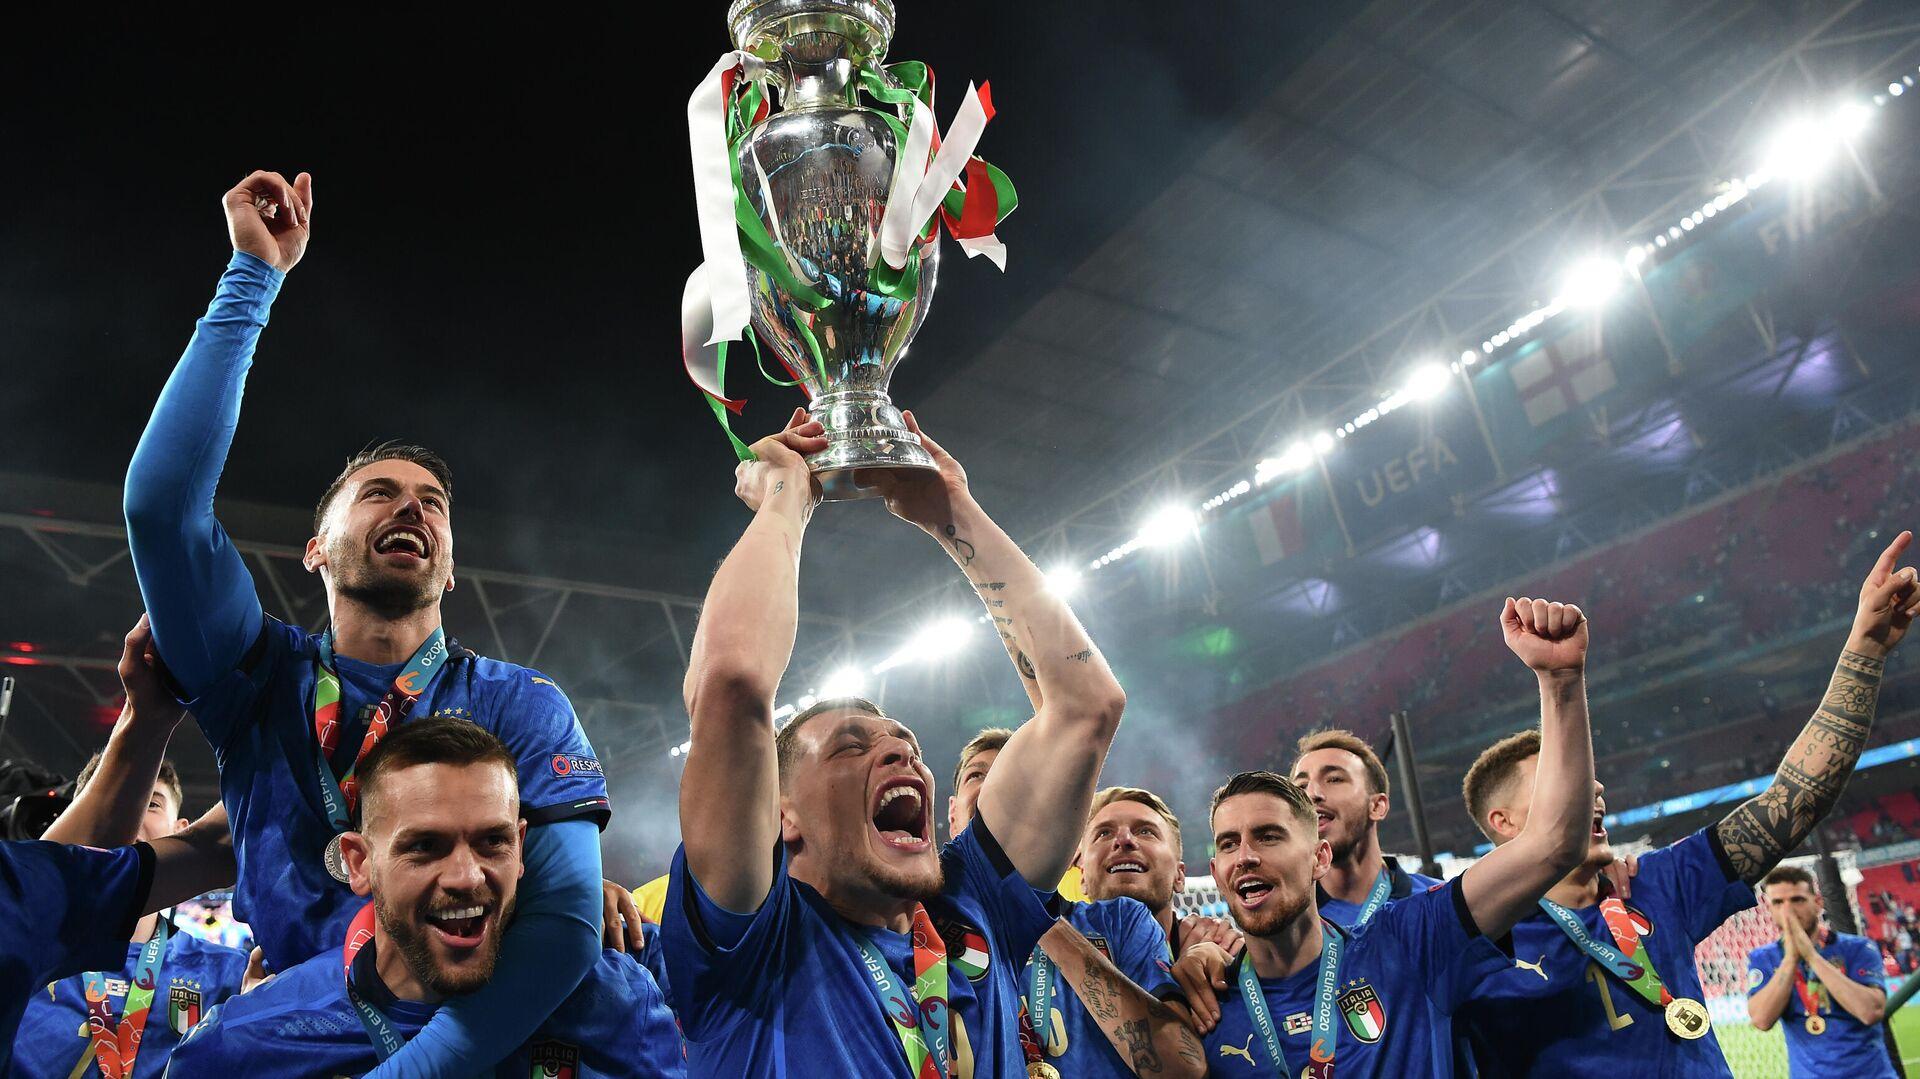 La selección de Italia celebra su victoria sobre Inglaterra en la final de la Eurocopa 2020 - Sputnik Mundo, 1920, 11.07.2021